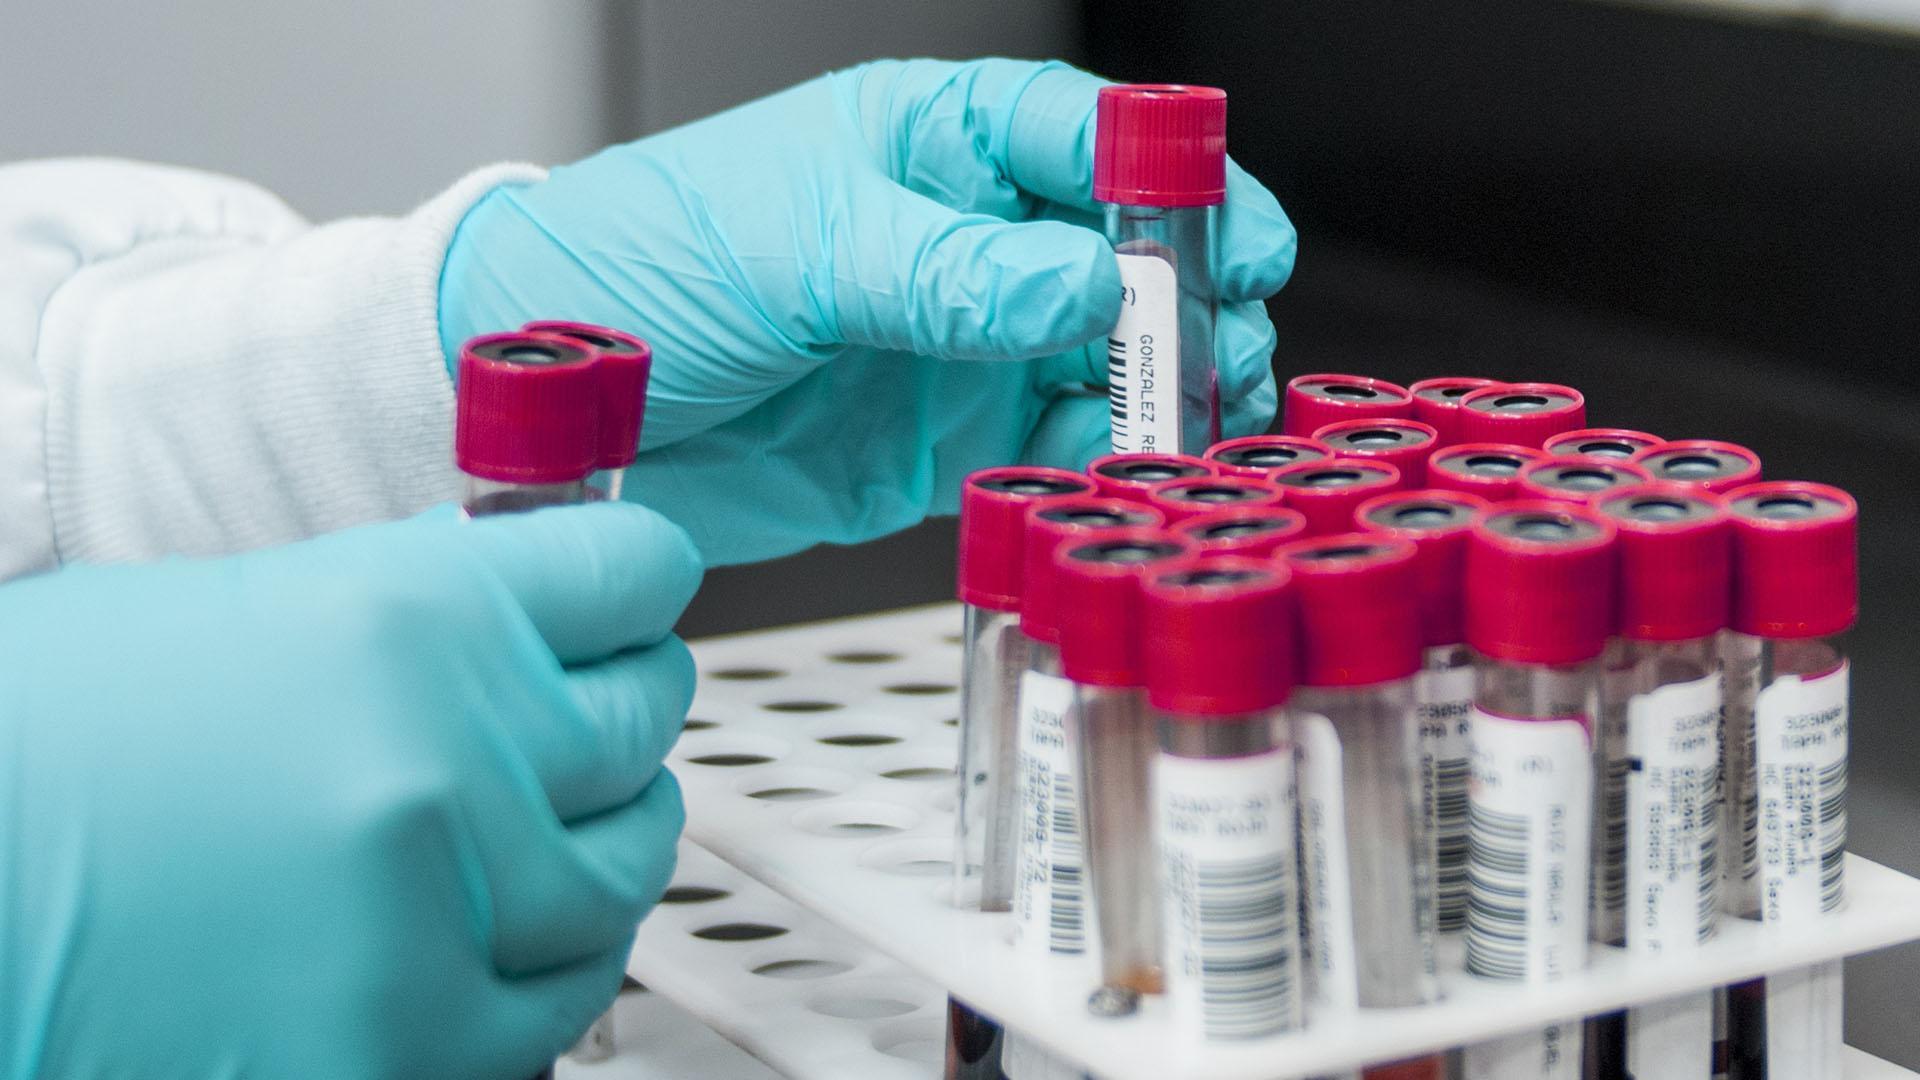 Исследователи предупреждают, что некоторые вакцины против COVID-19 могут увеличить риск заражения ВИЧ